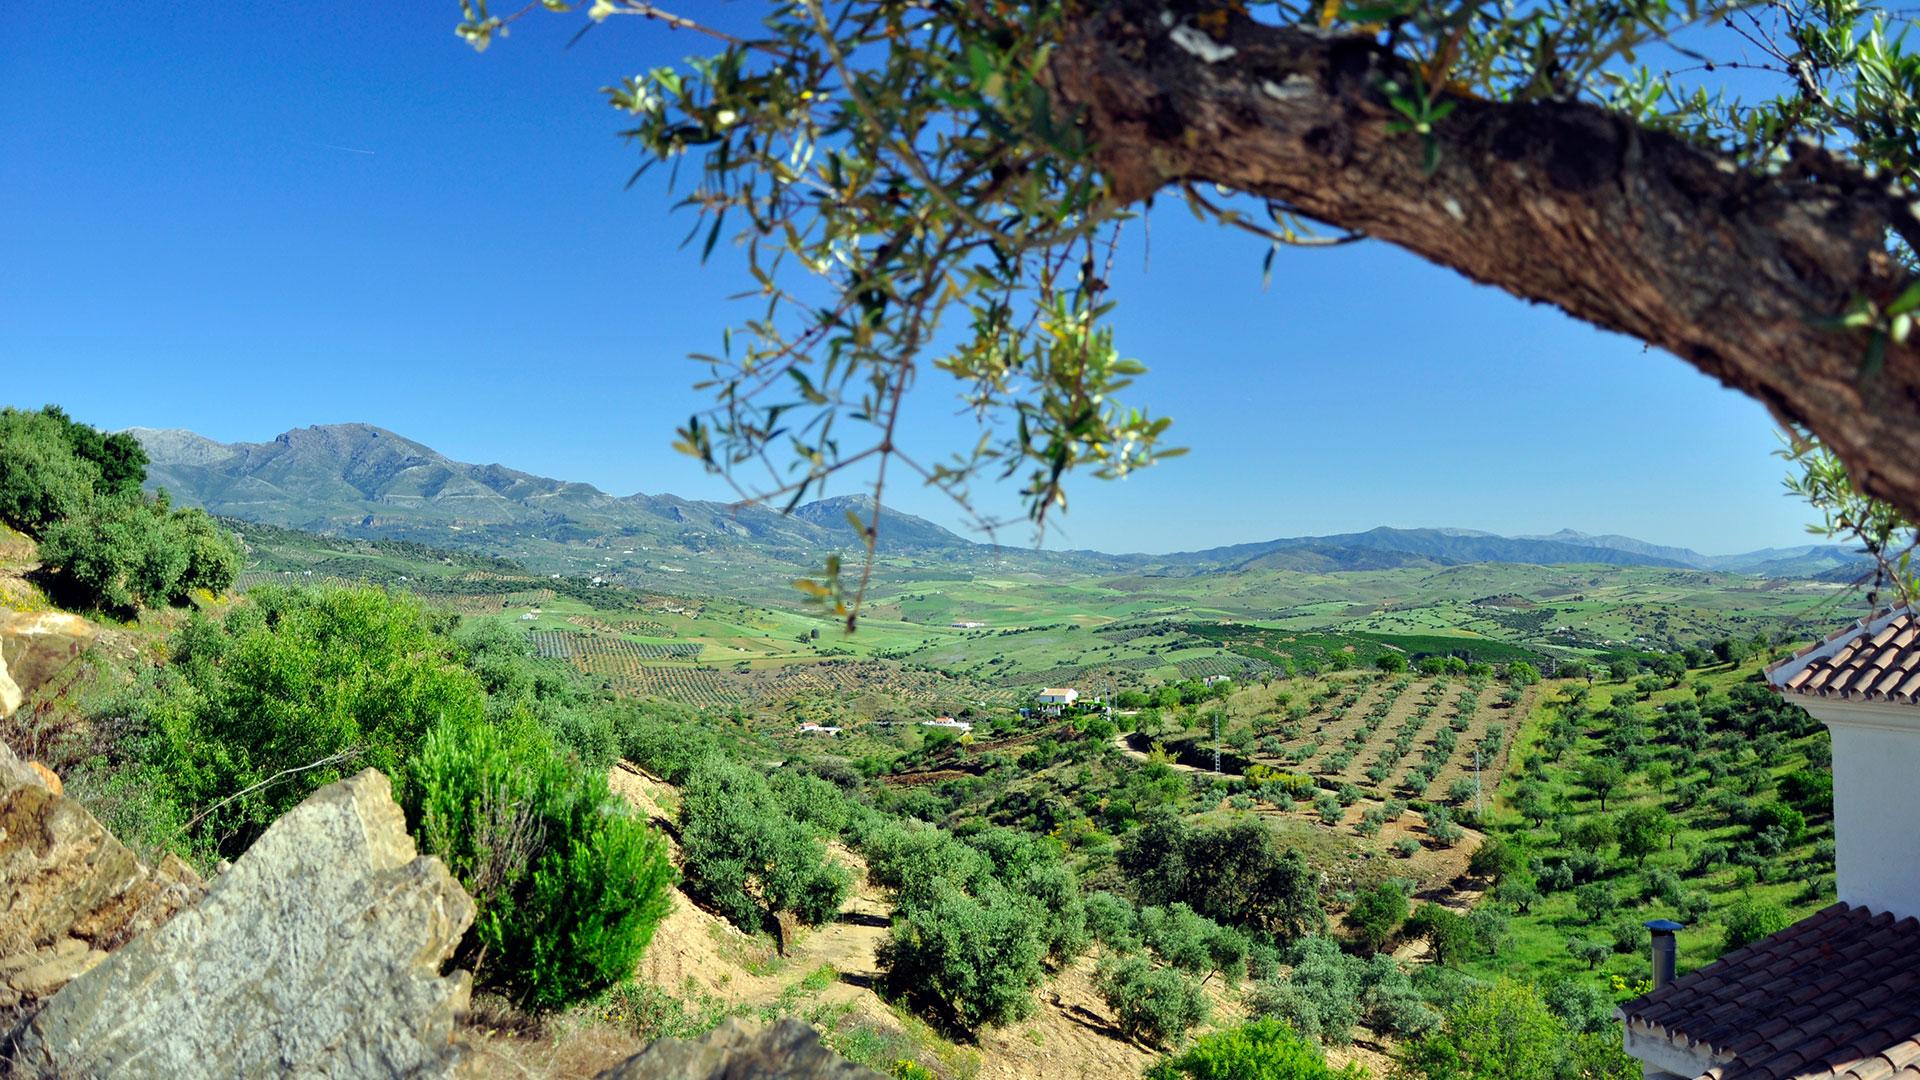 Vakantie in Spanje Malaga